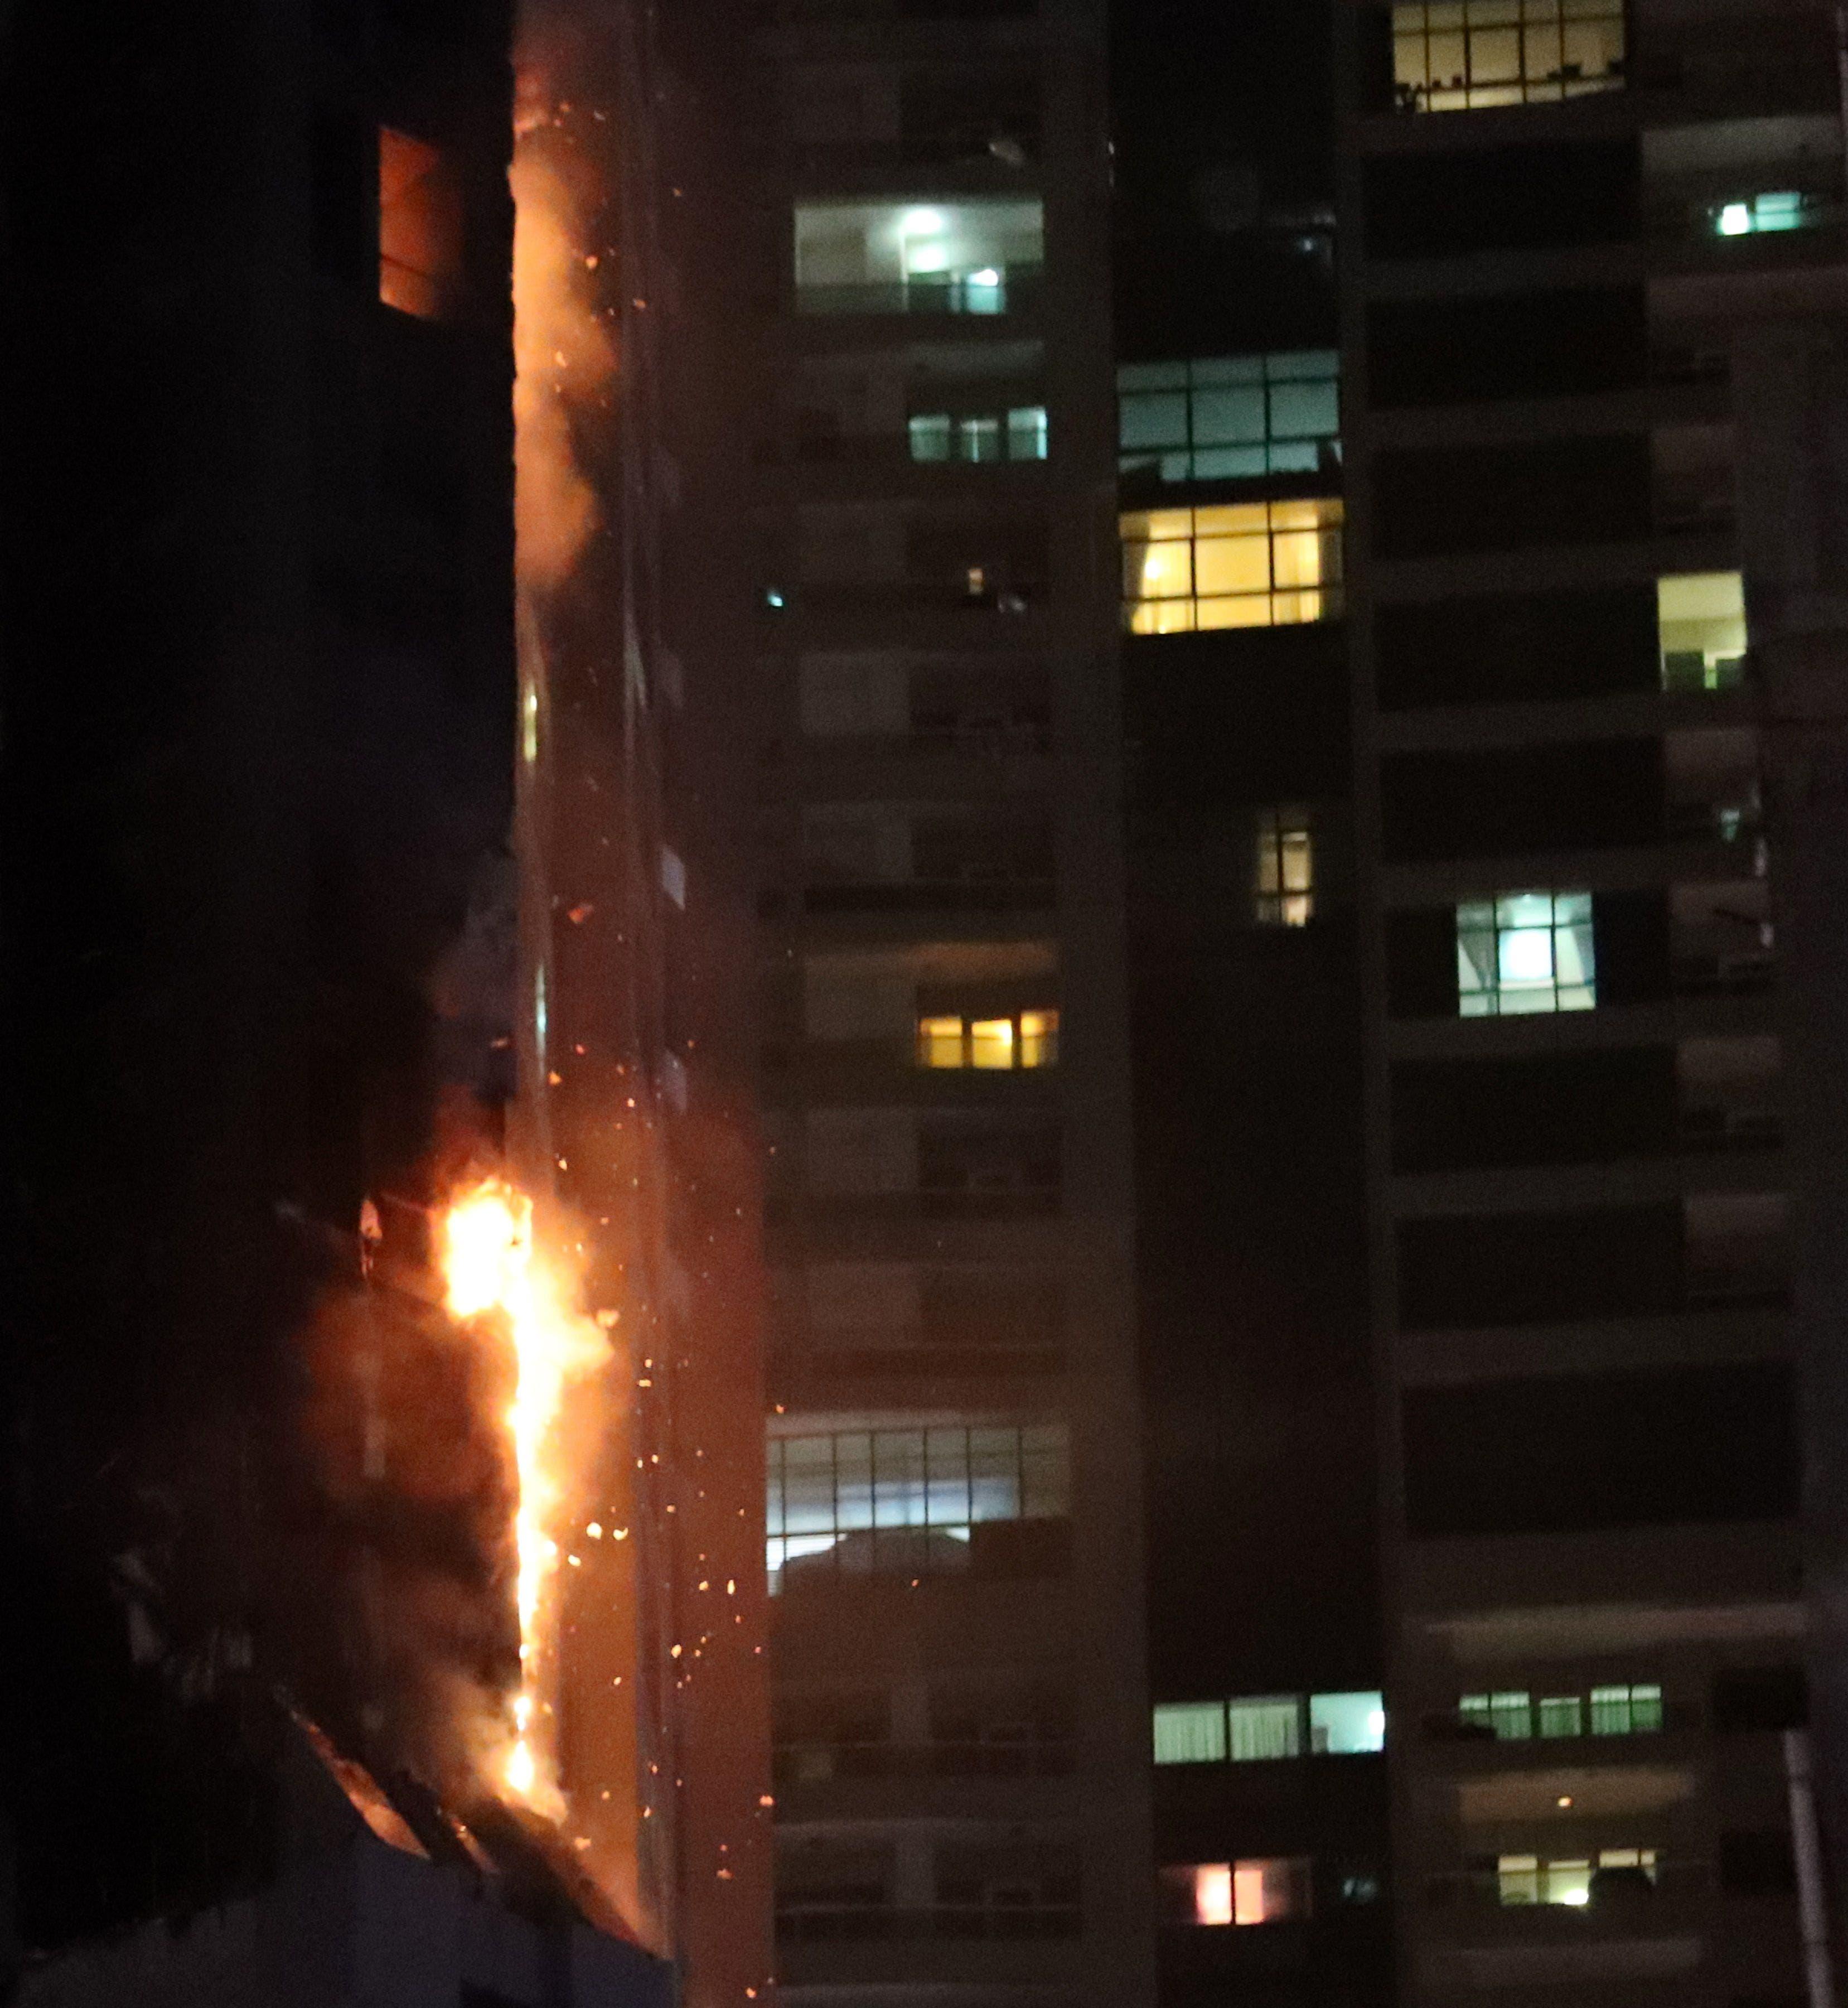 Las zonas dañadas en los pisos de la zona intermedia del edificio, en su lado izquierdo, y las plantas superiores del lado derecho se cubrieron con una sustancia marrón.